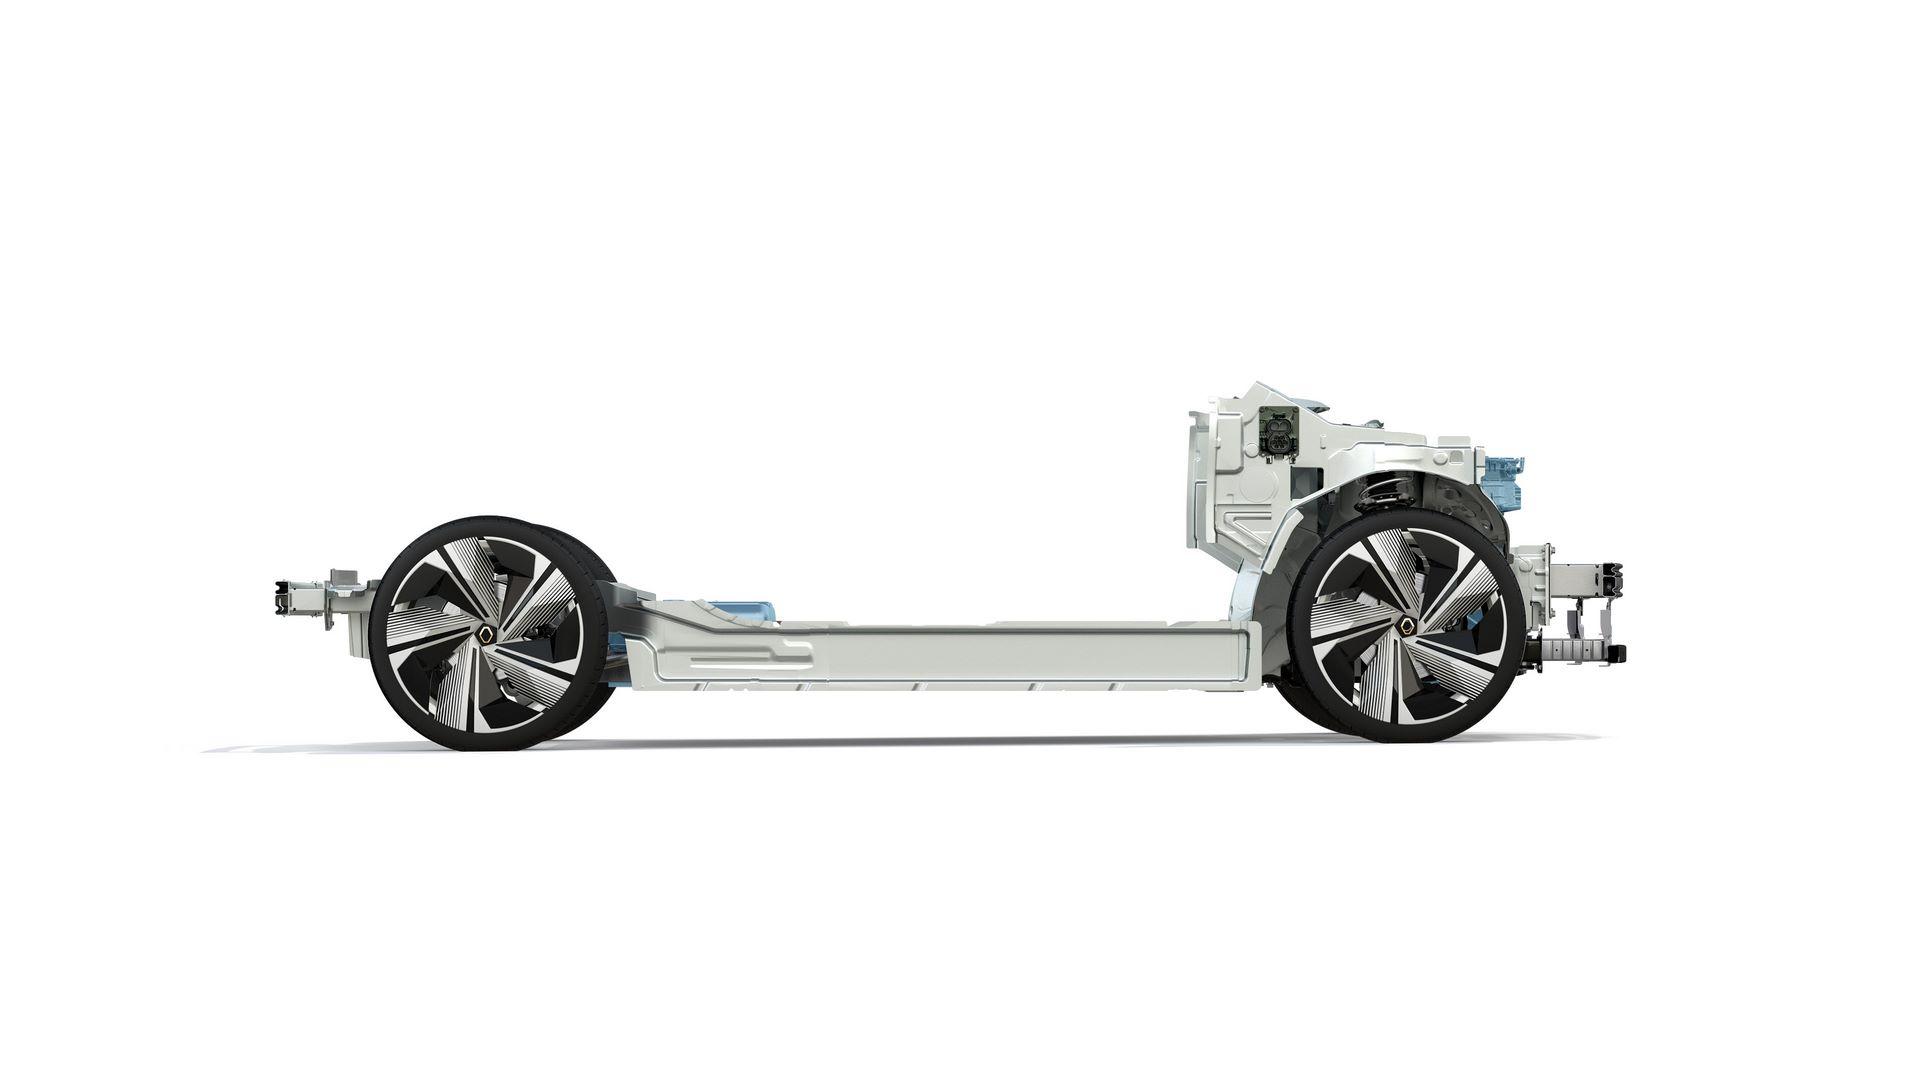 Renault-Megane-eVision-Concept-CFM-EV-34